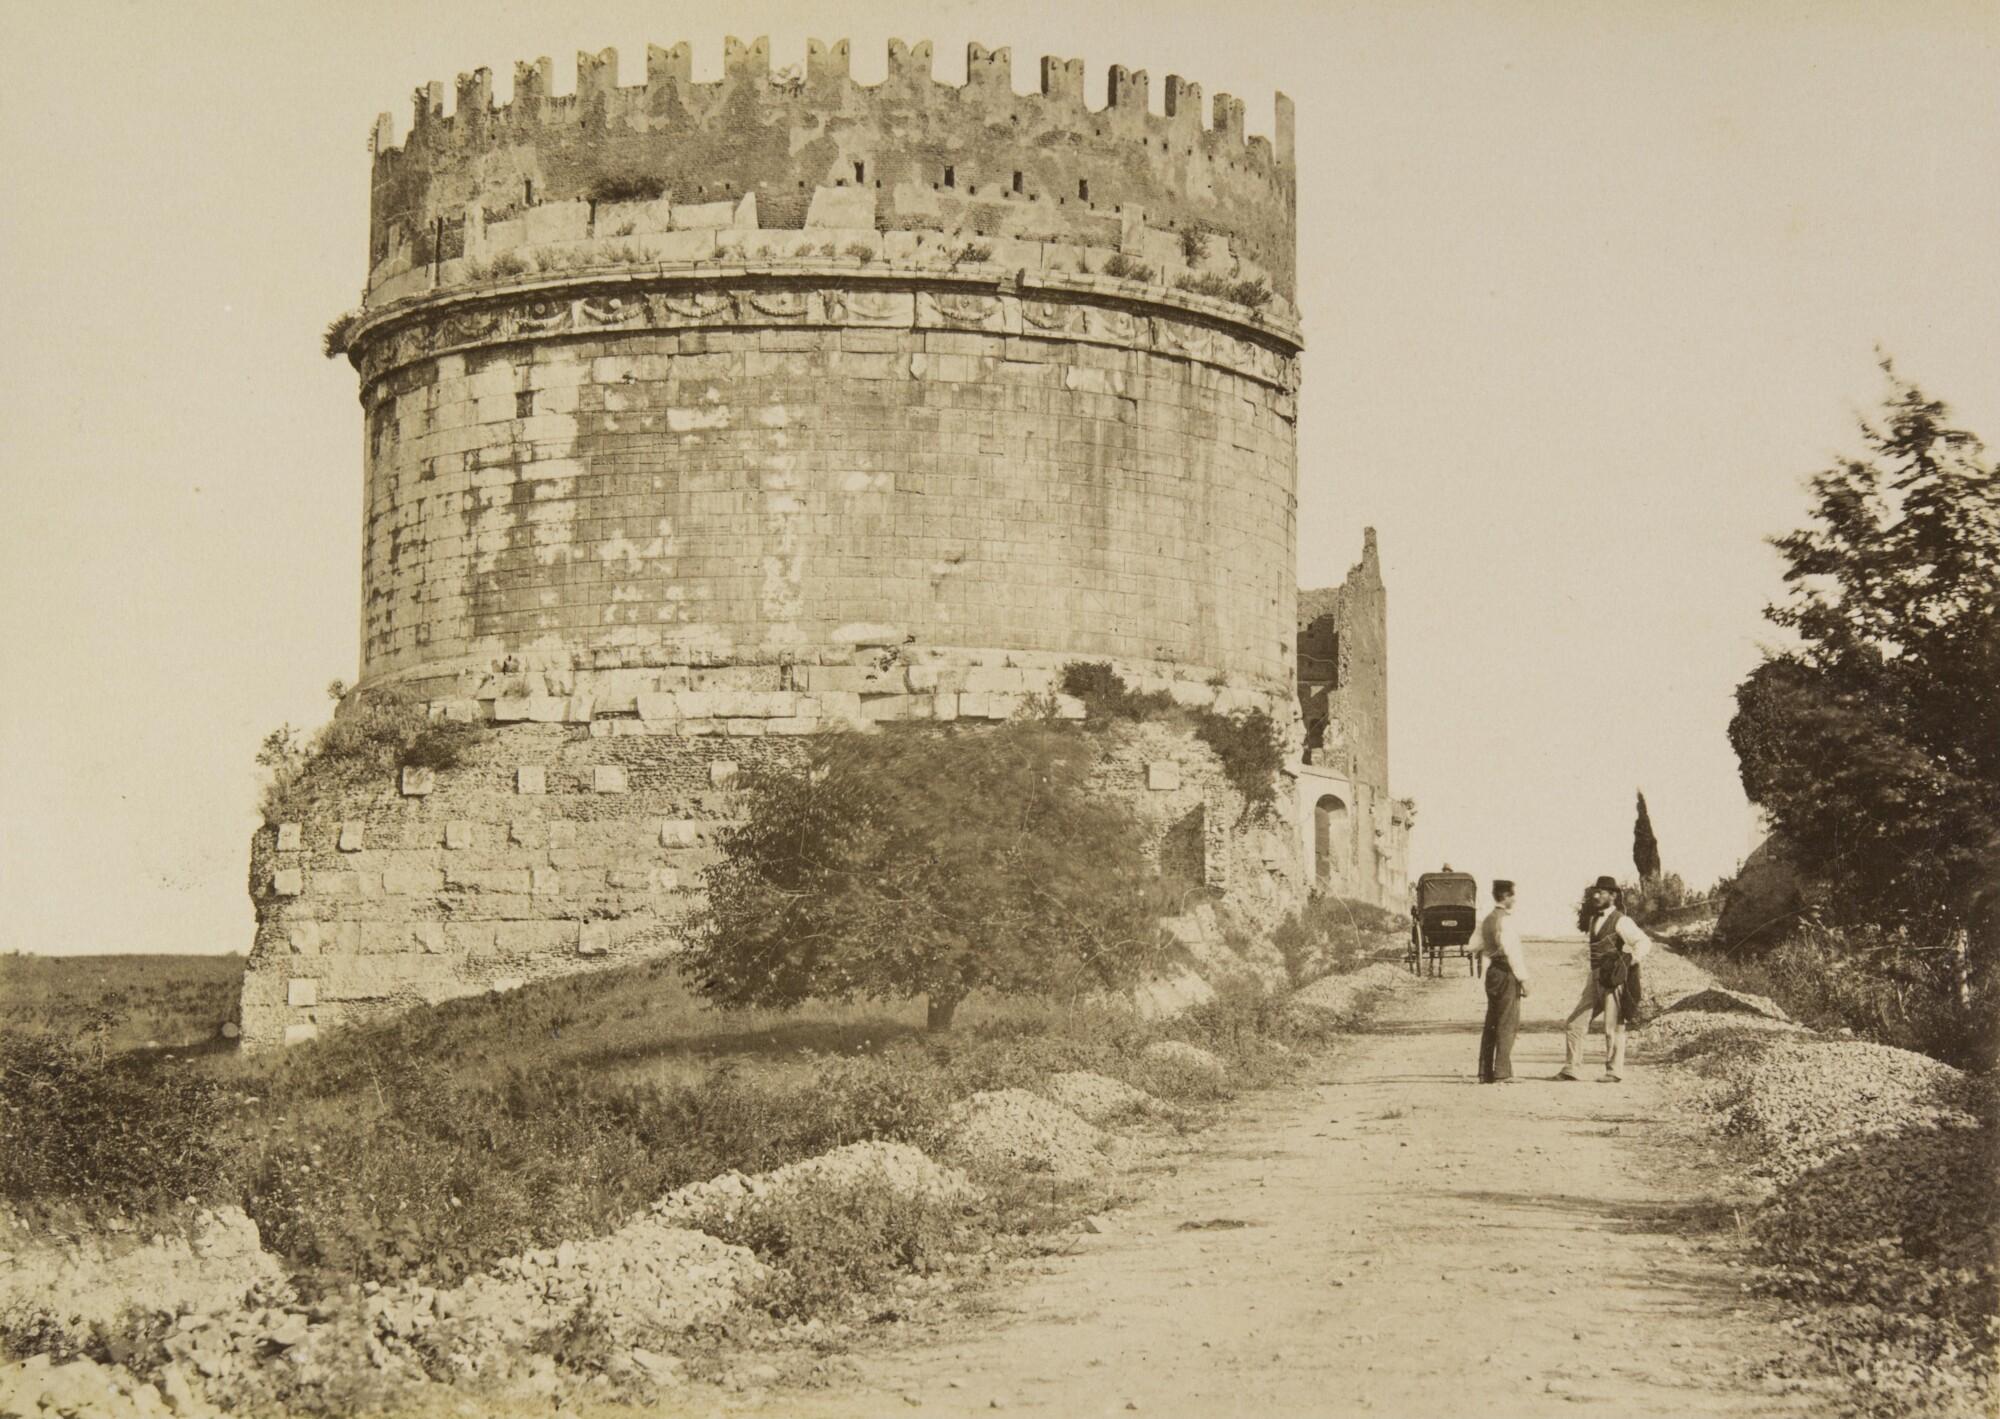 Альтобелли и Молинс.    Гробница Цецилии Метеллы, 1860-1870‑е   Альбуминовый отпечаток